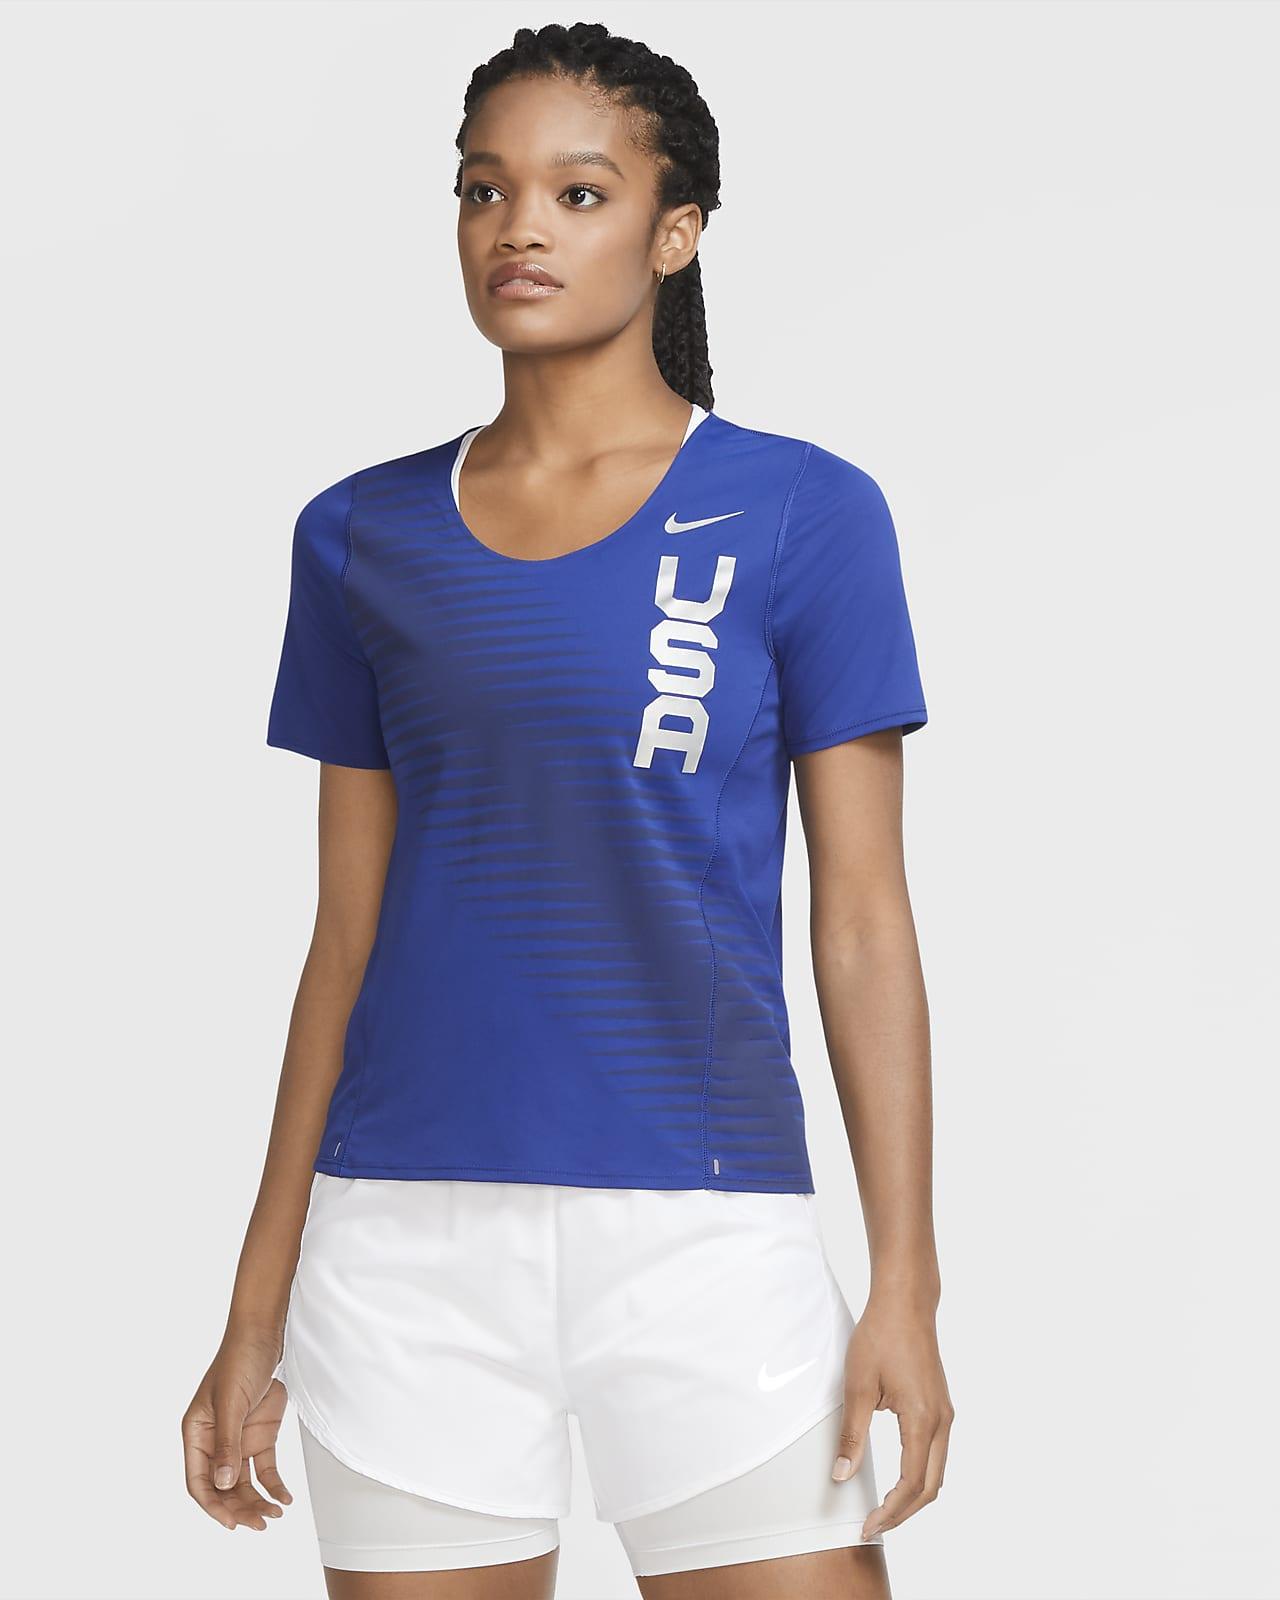 Nike Team USA City Sleek Women's Running Top